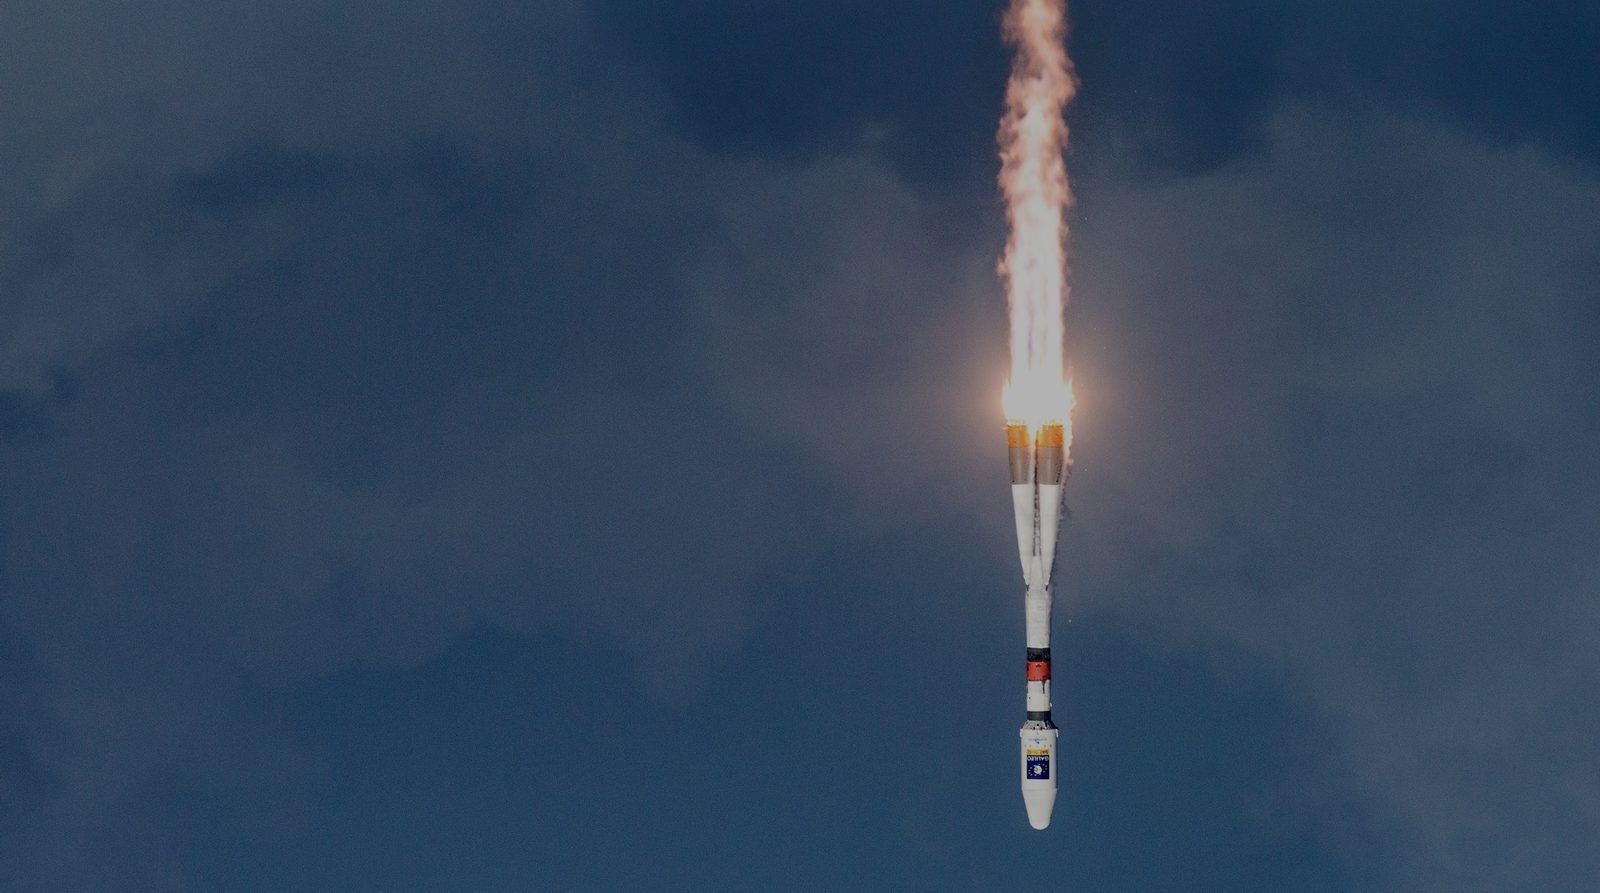 Explosion de Soyouz: le programme spatial russe est-il en perdition?